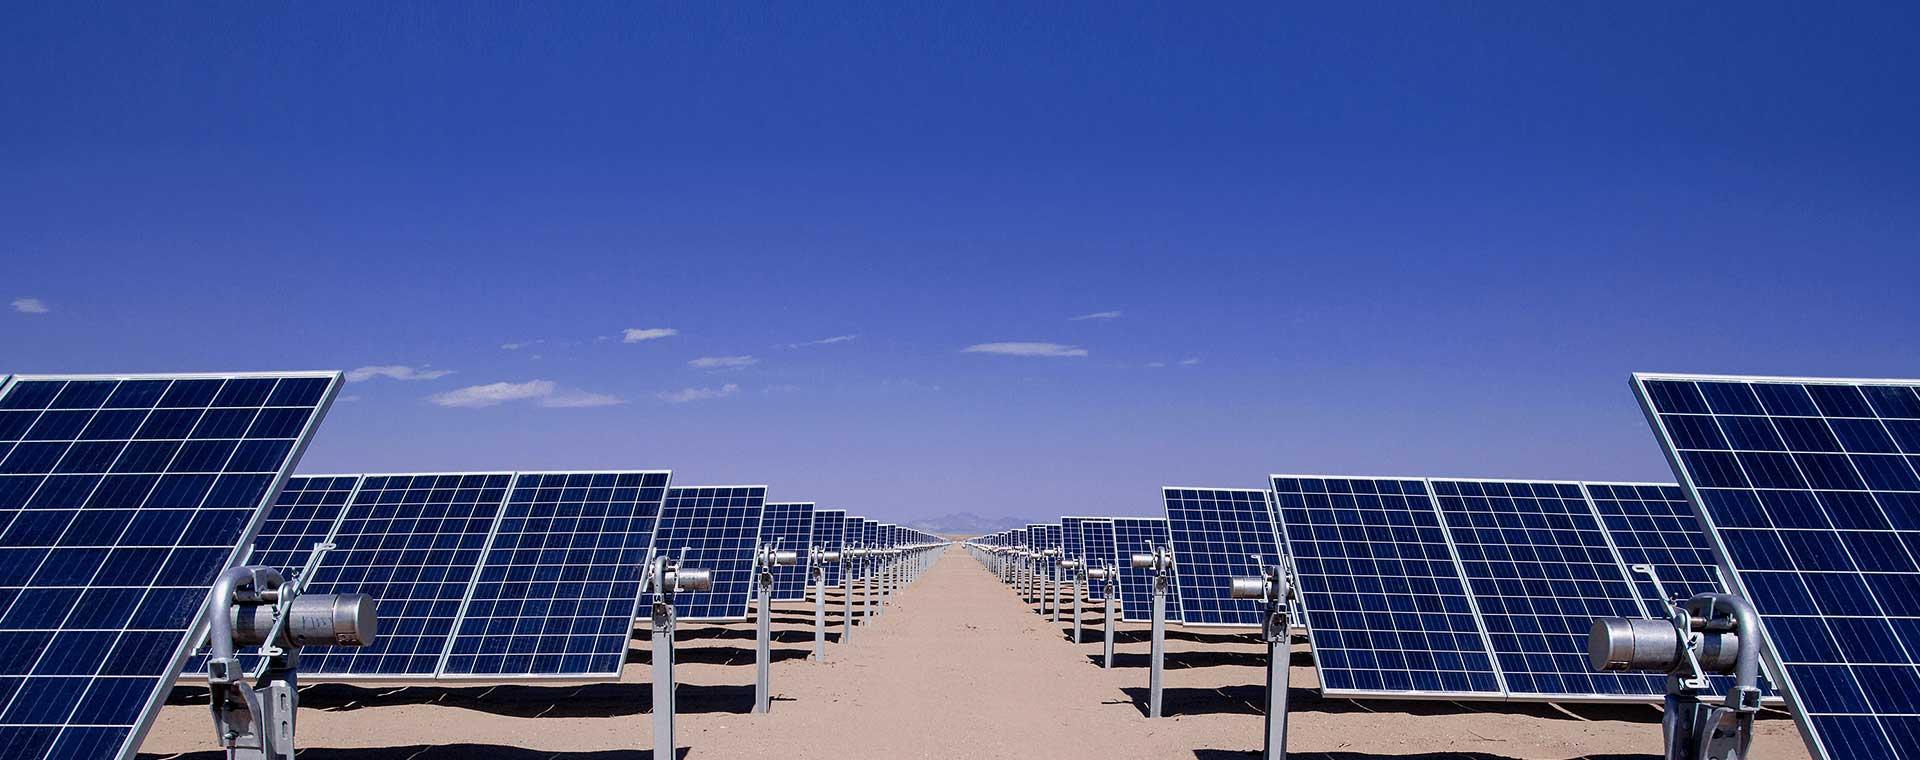 全球太阳能项目总计超50GW